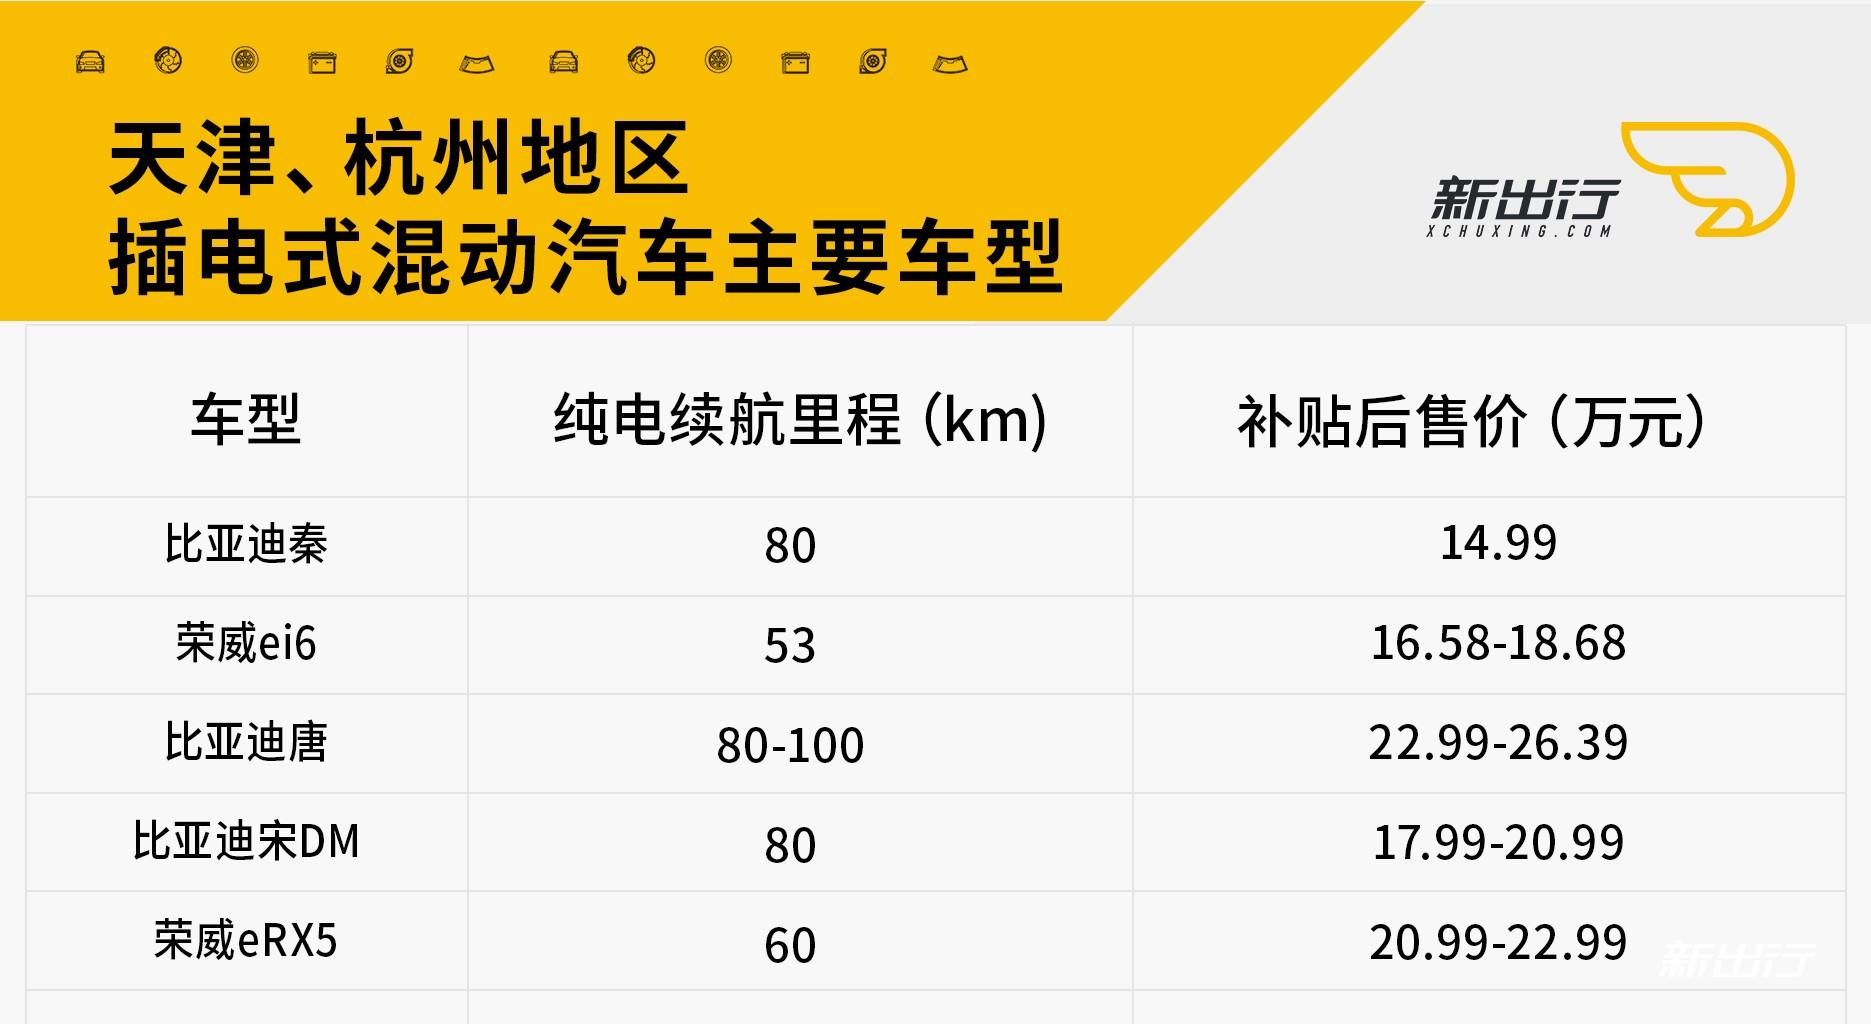 天津、杭州地区插电混动车型.jpg